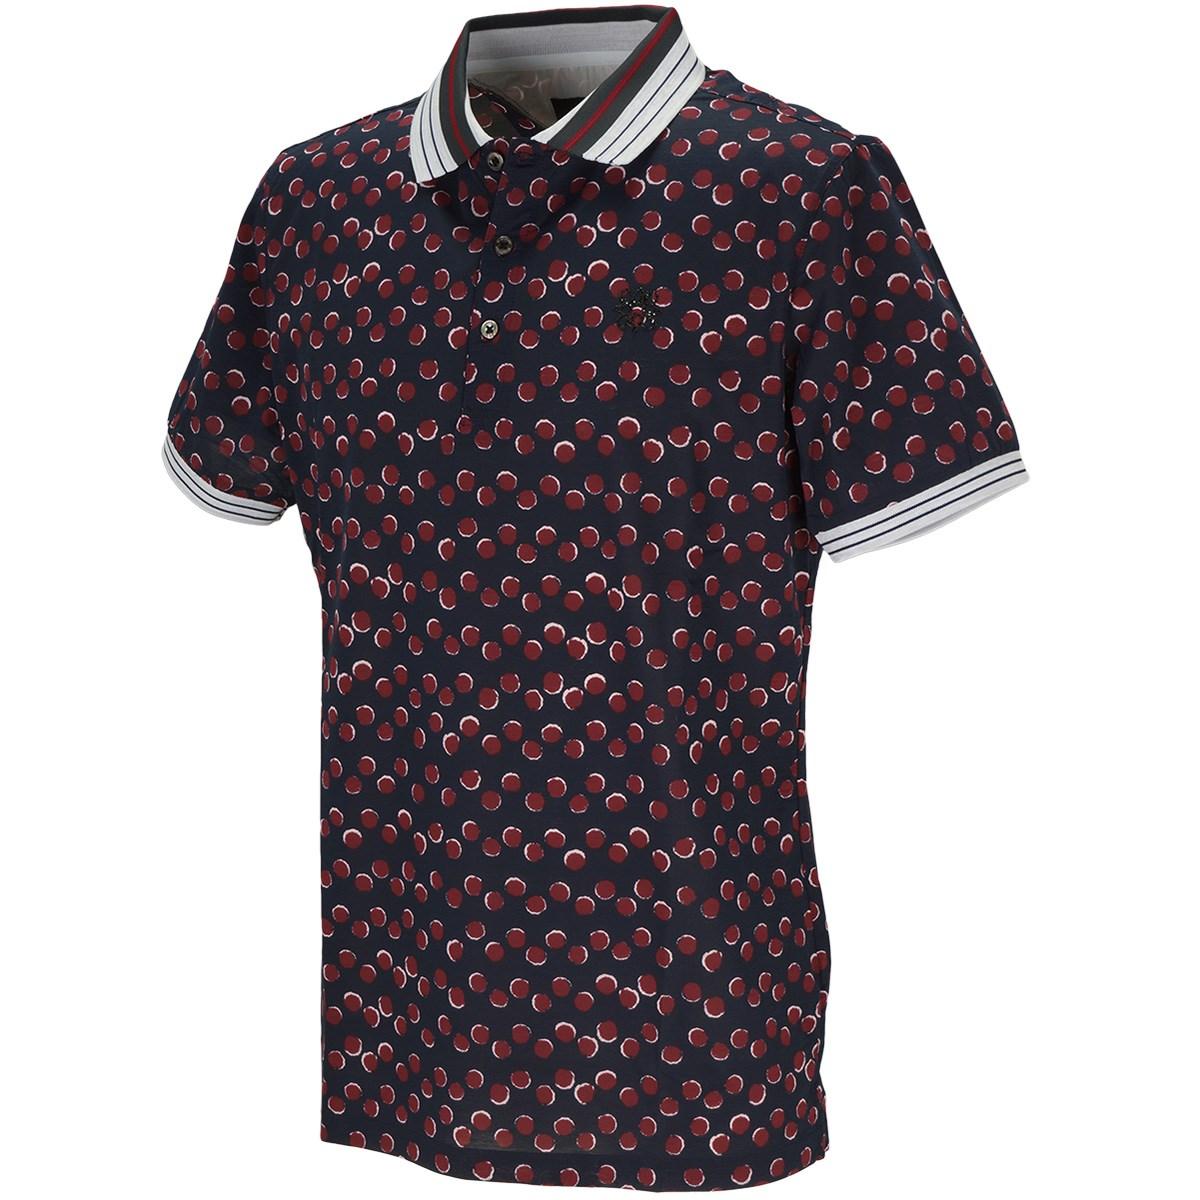 セント・アンドリュース BlackLabel 半回縞ドットプリント半袖ポロシャツ